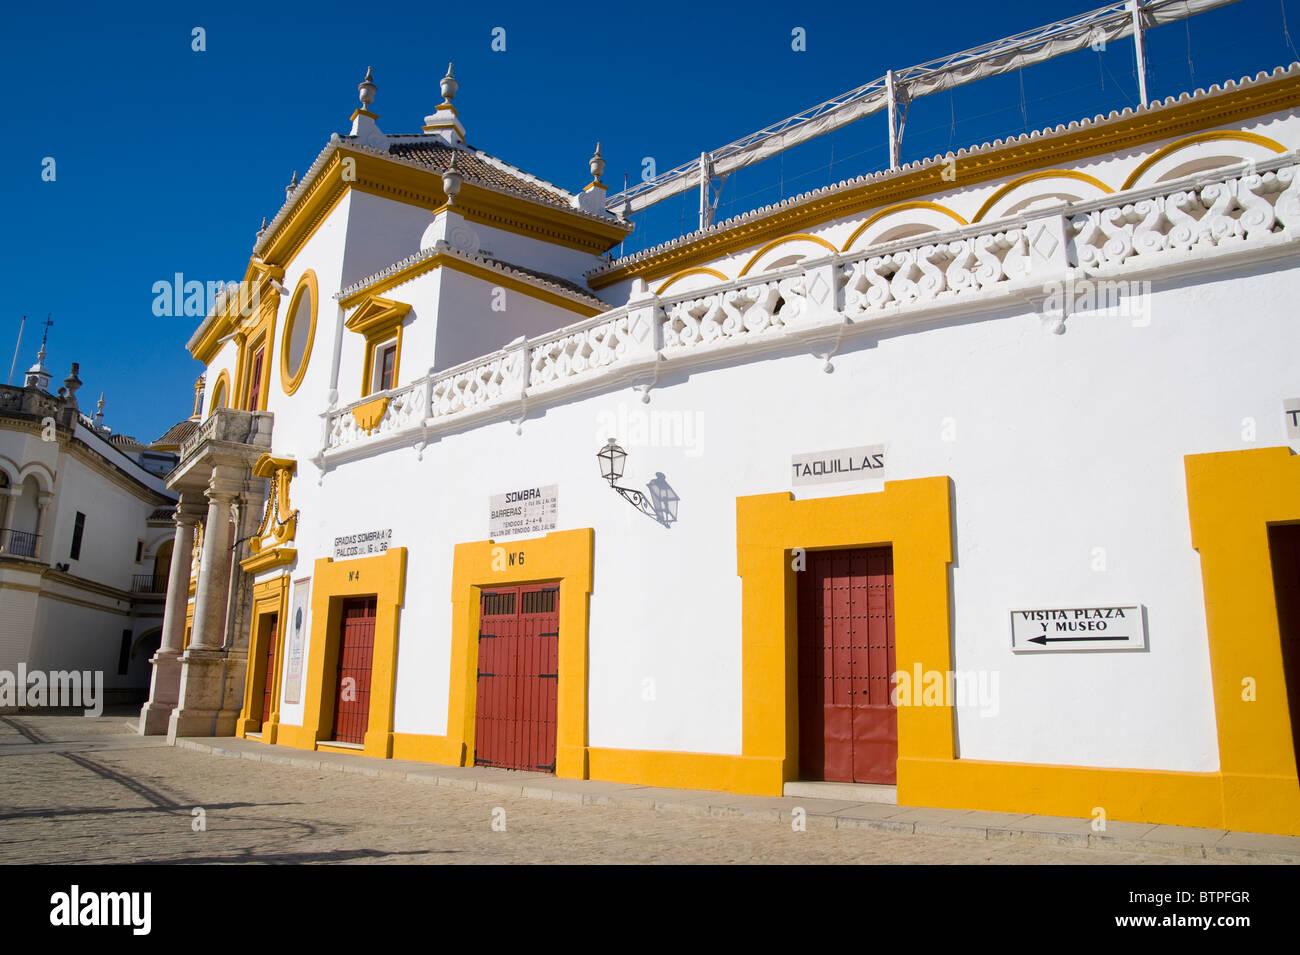 Plaza de Toros, Bullfighting ring, Seville, Andalucia, Spain - Stock Image